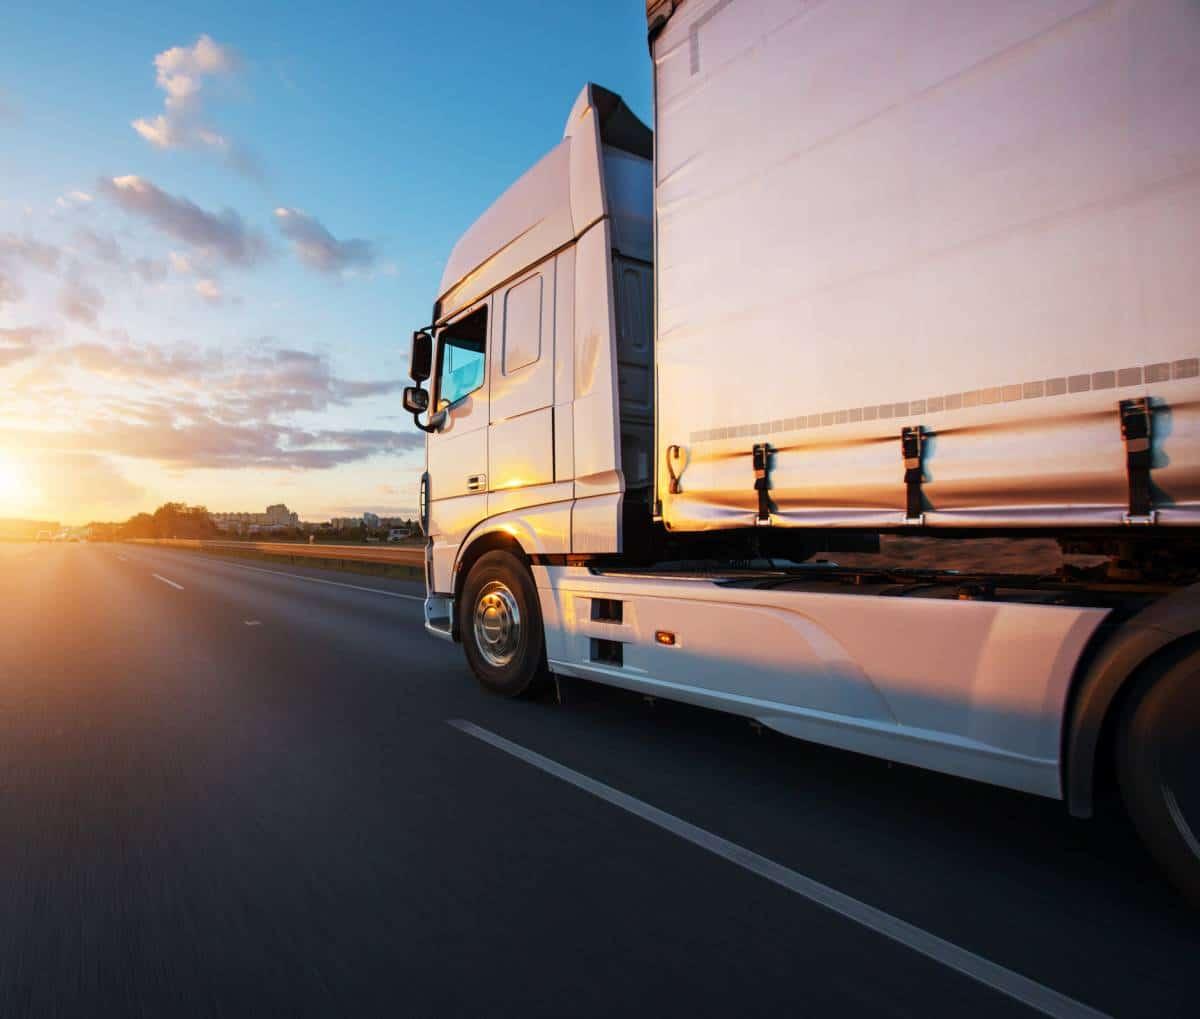 Transporter des véhicules en toute sécurité